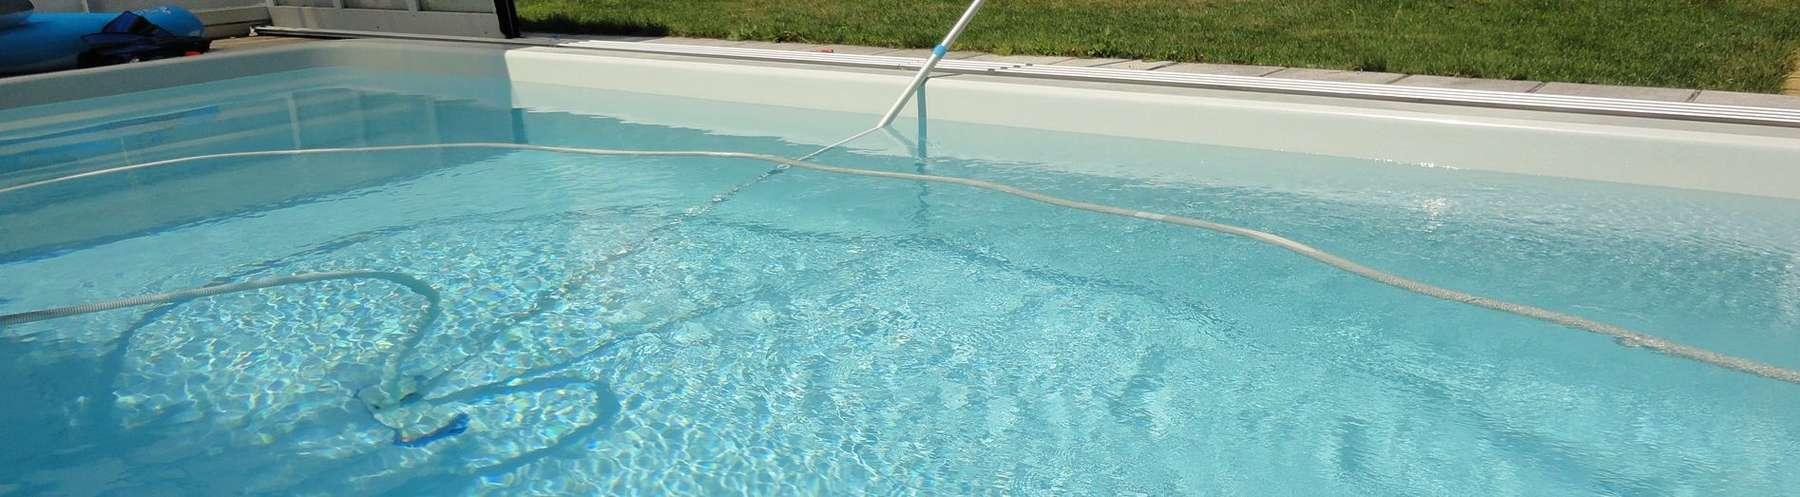 Milchig pool brunnenwasser Grünes Poolwasser